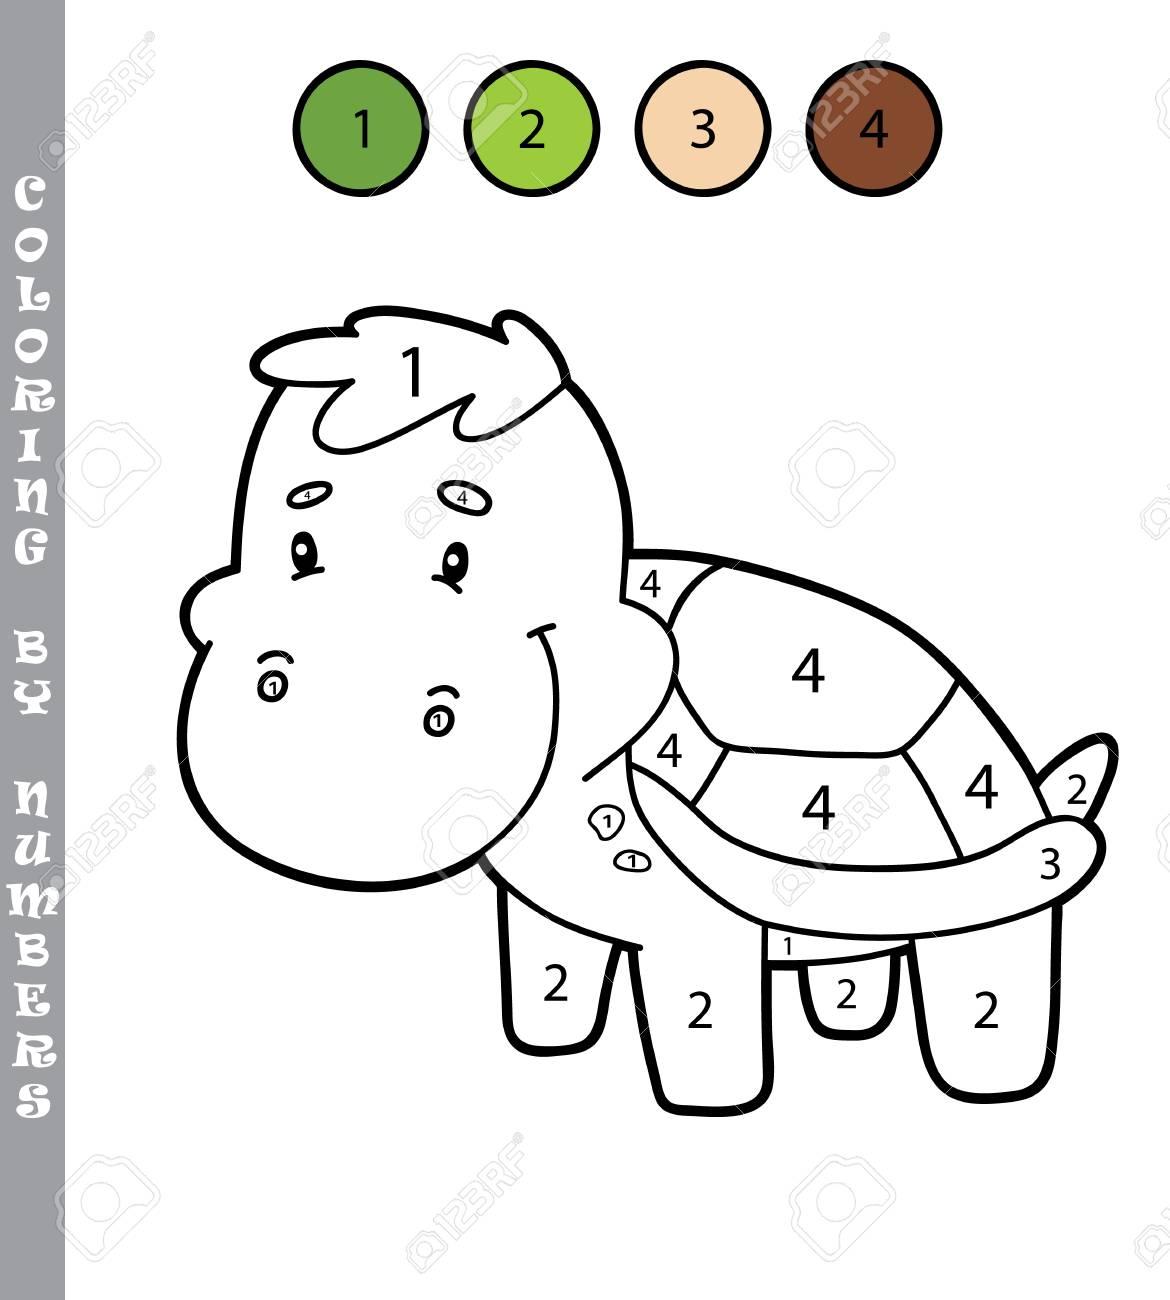 Colorear Por Números Juego Educativo Con El Personaje De La Tortuga